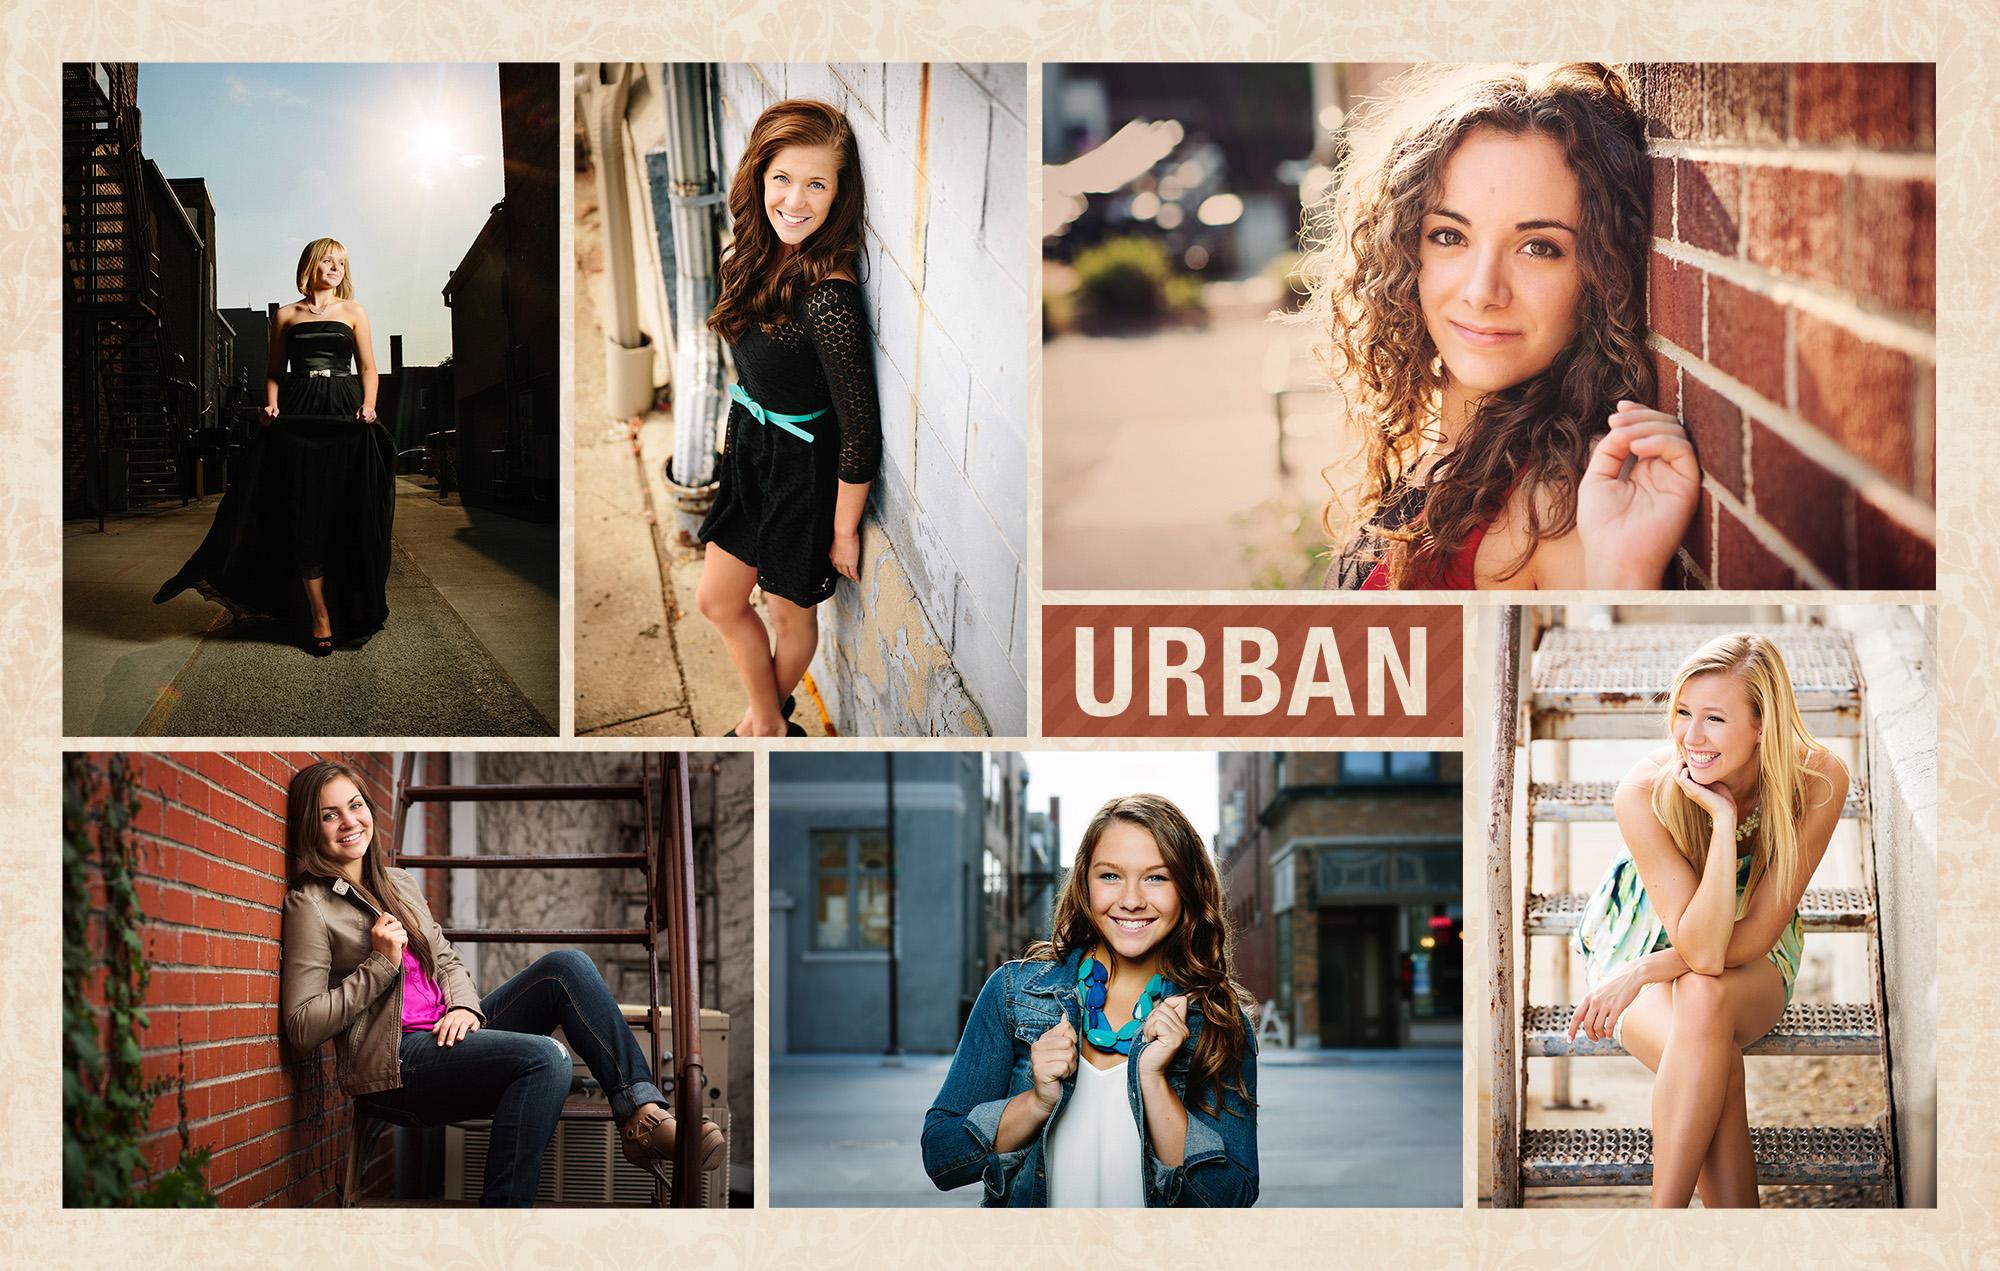 2-Urban.jpg